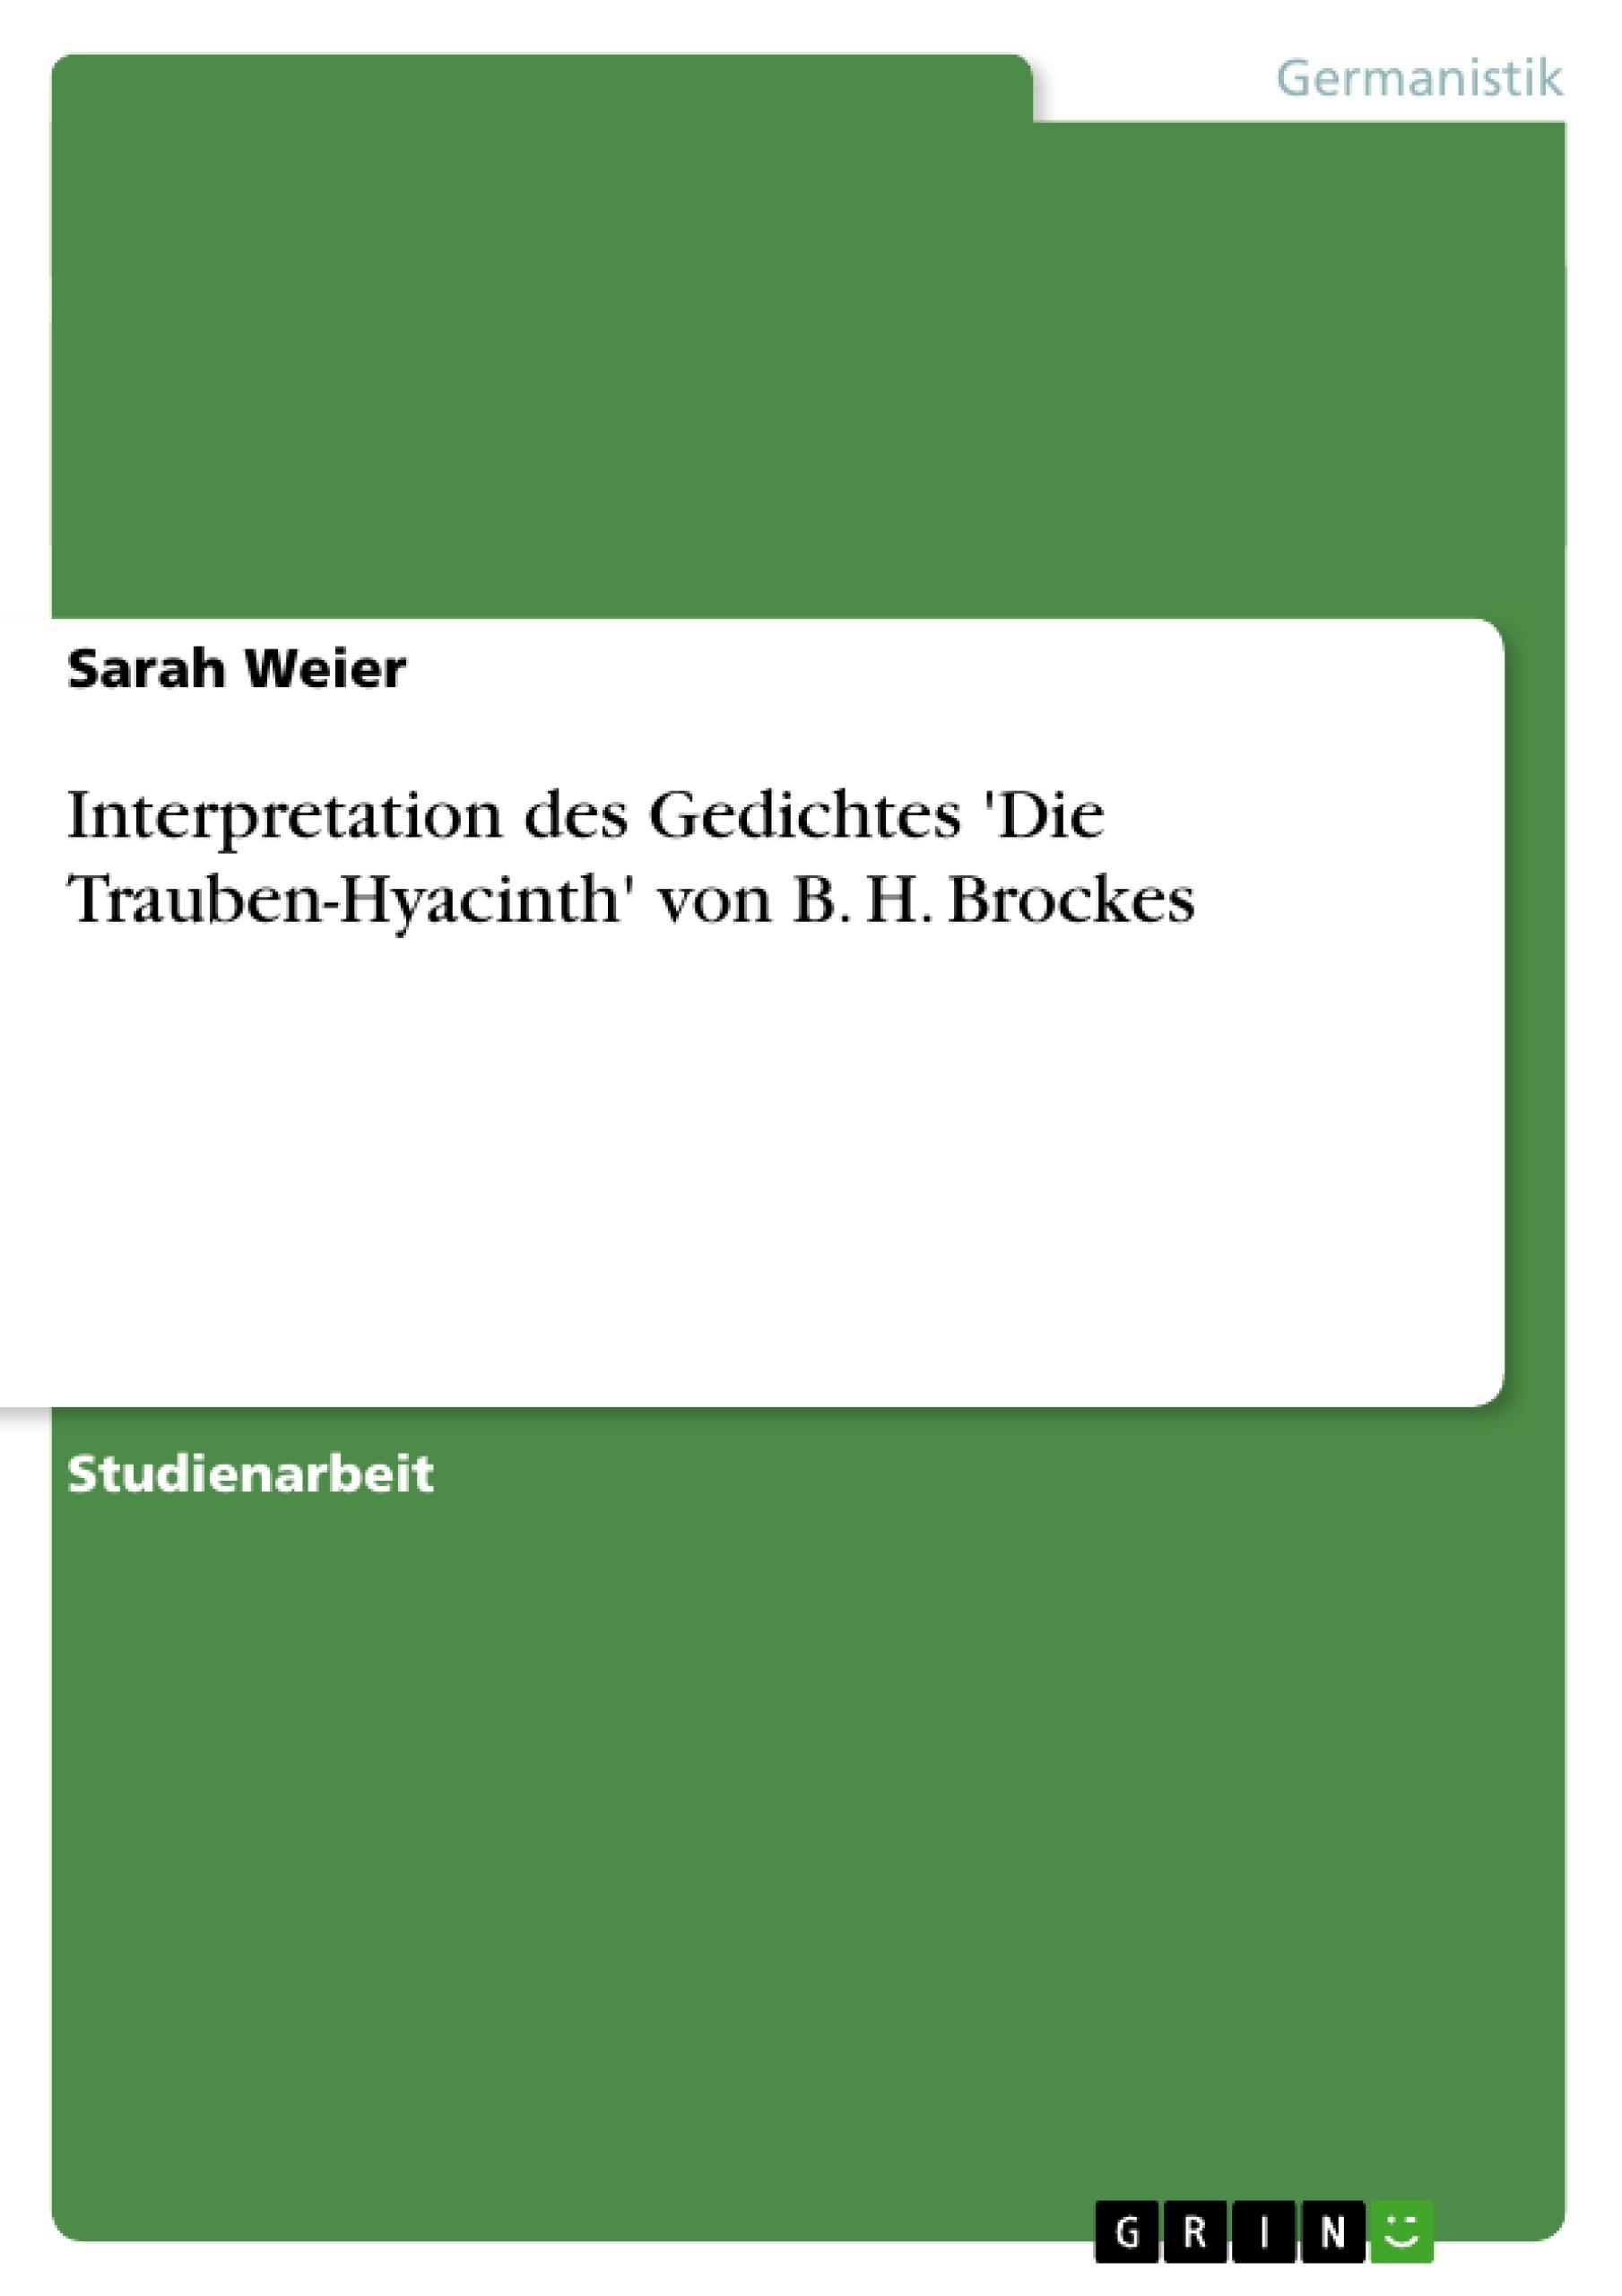 Titel: Interpretation des Gedichtes 'Die Trauben-Hyacinth' von B. H. Brockes